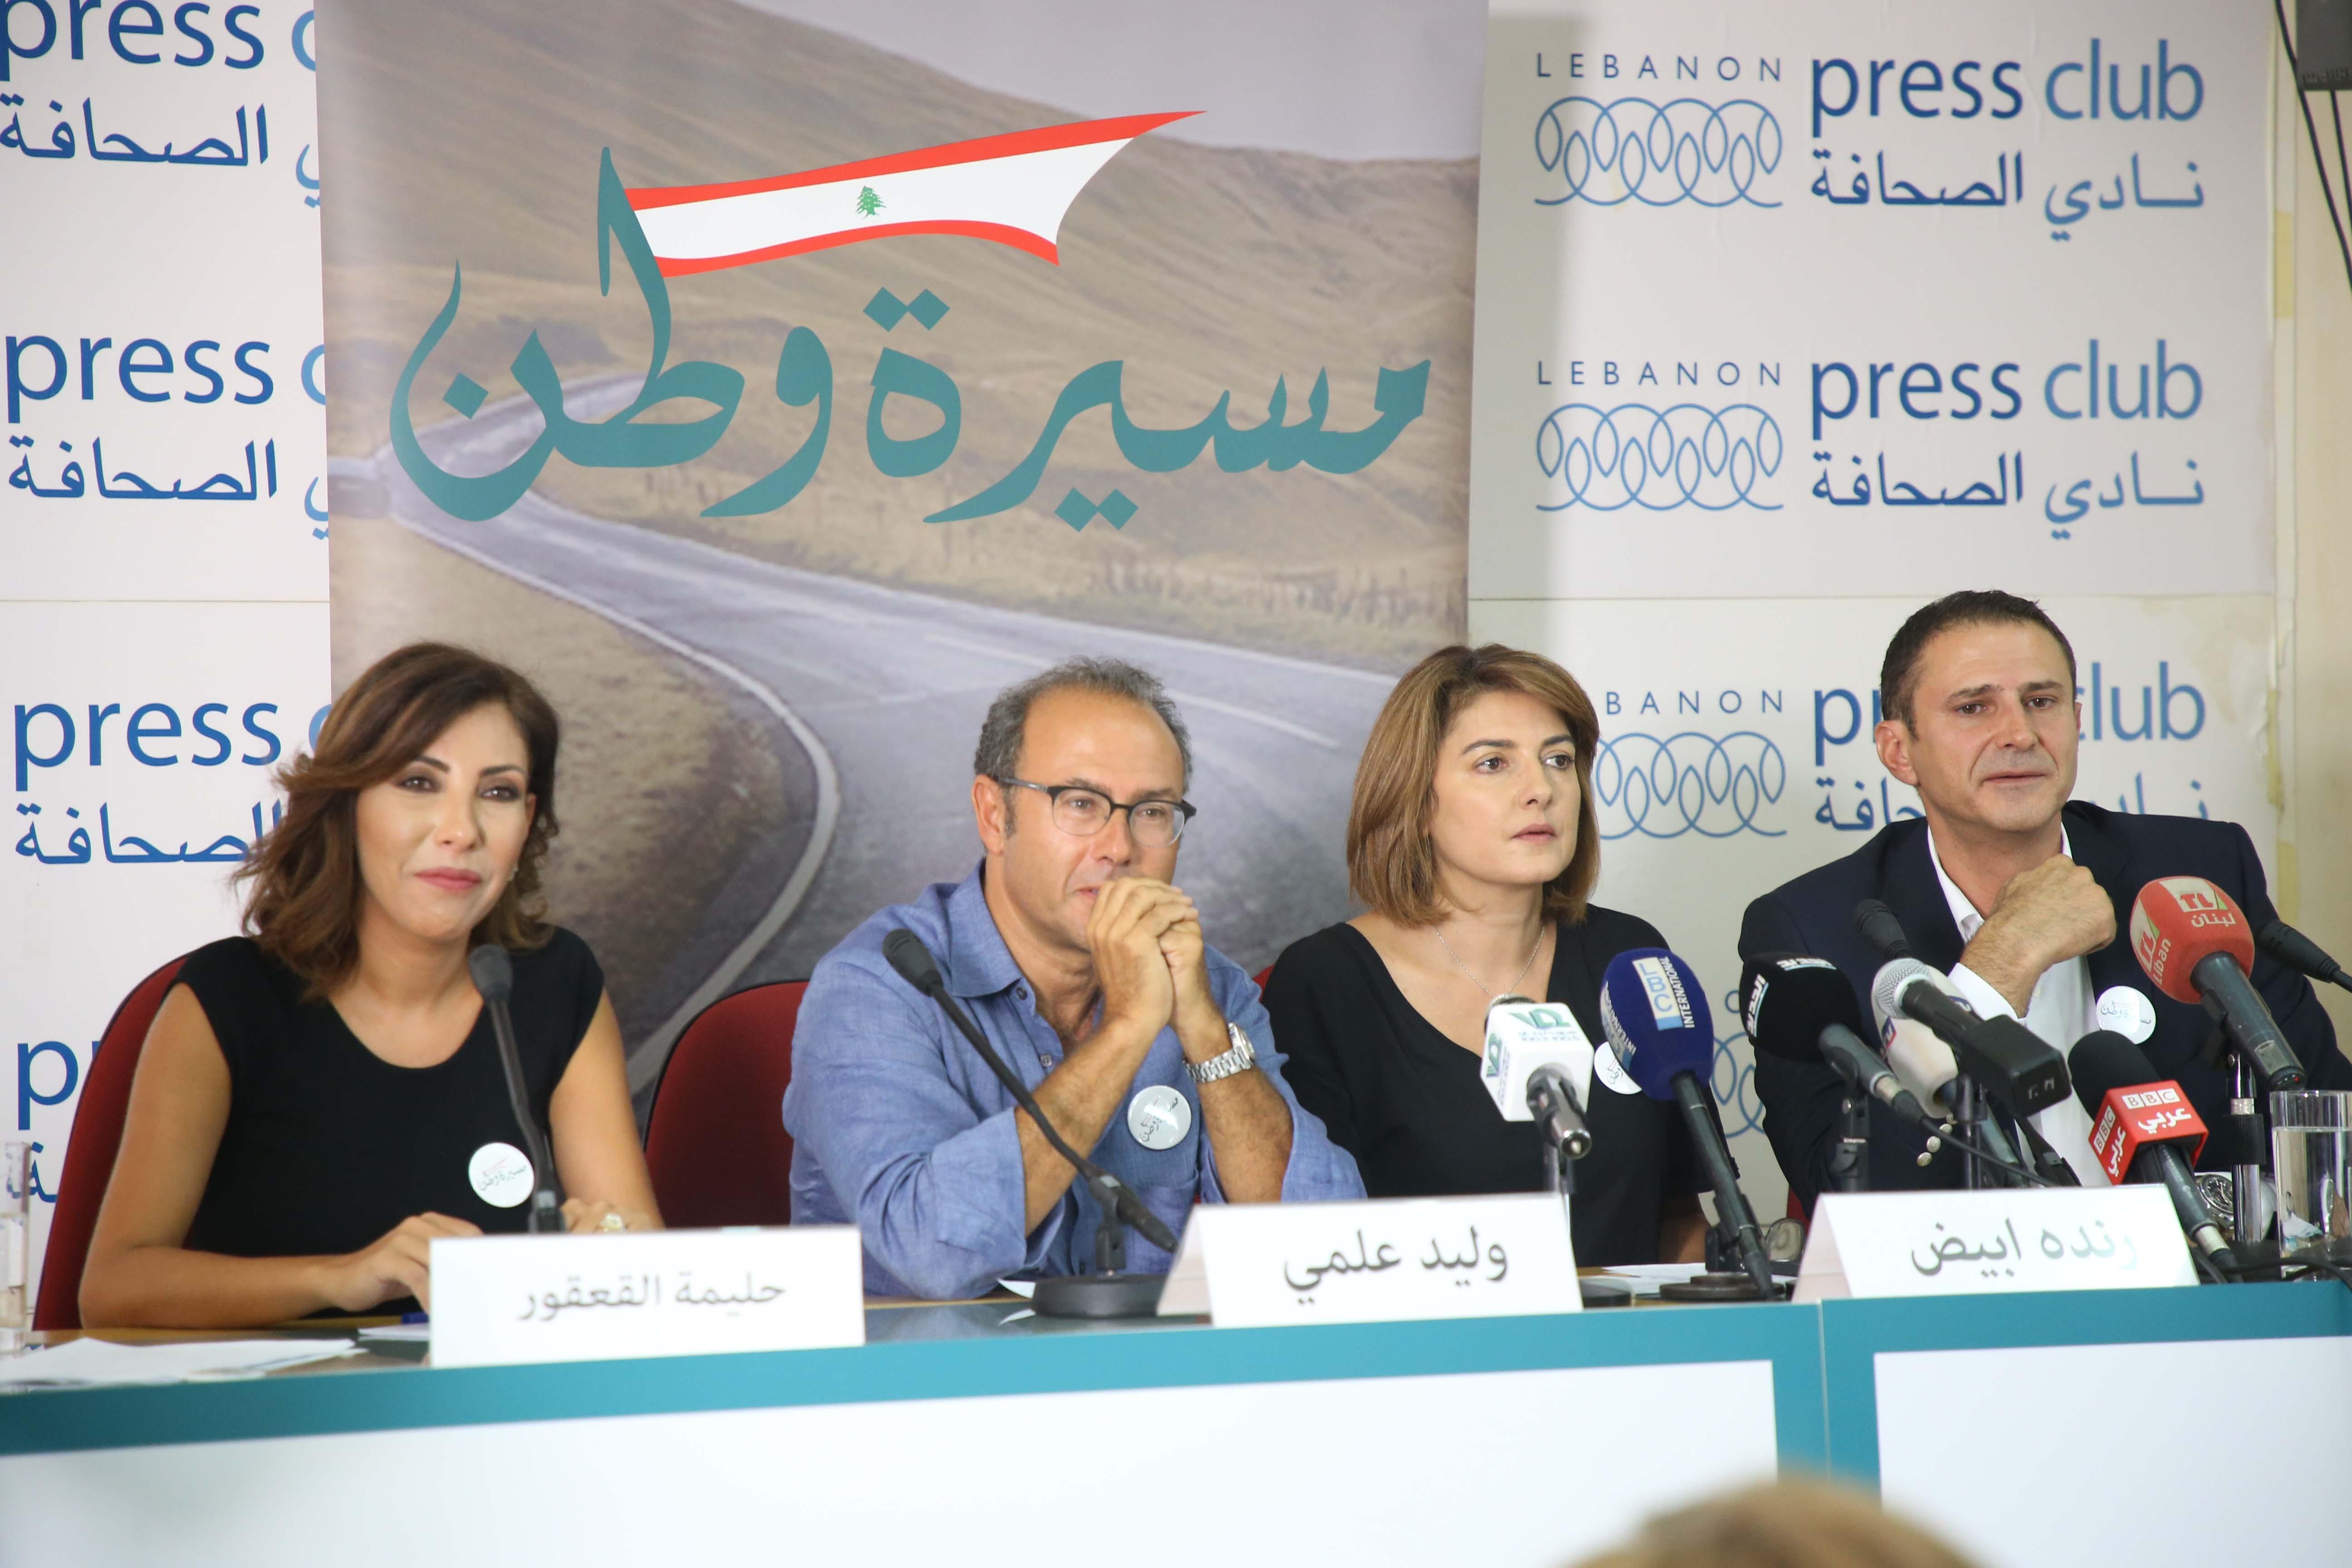 صورة مسيرة وطن سيرا علي الاقدام من ساحة الشهداء ودعوة للبناء